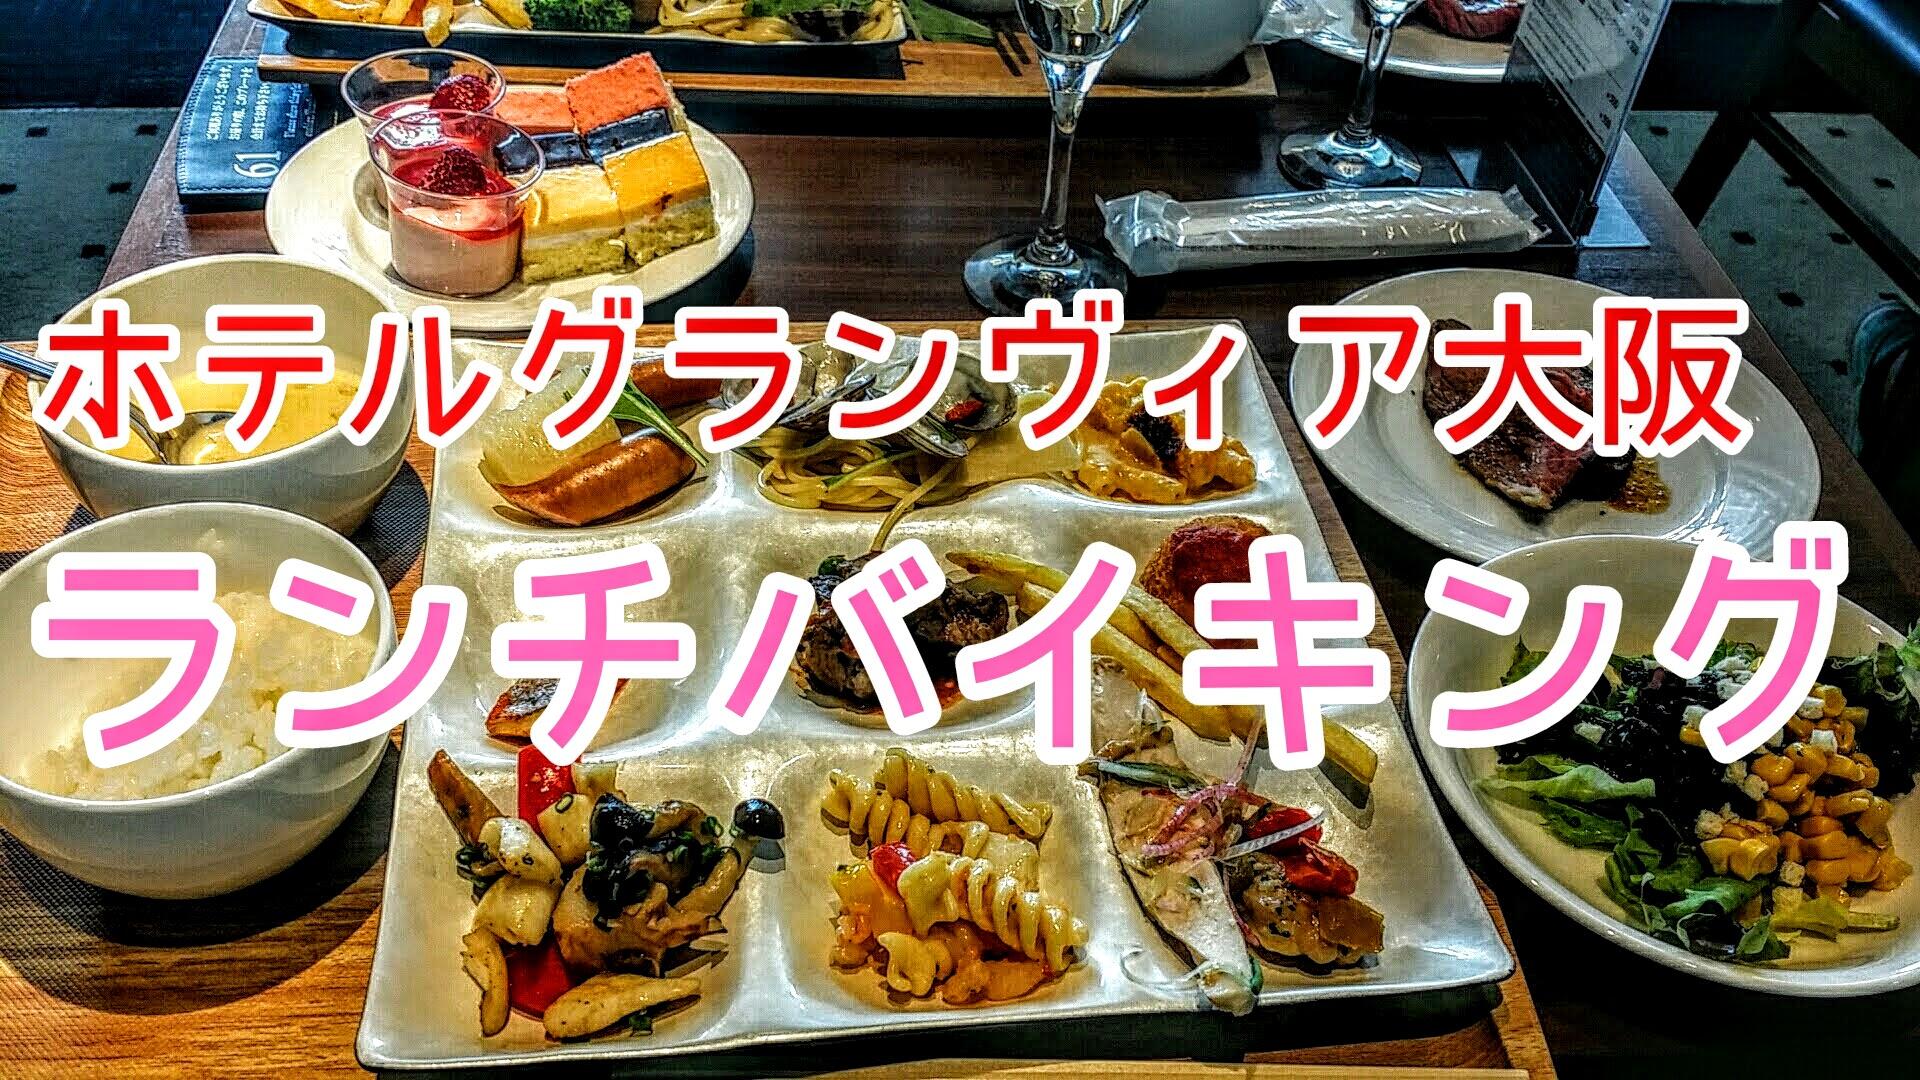 ホテルグランヴィア大阪ランチバイキング